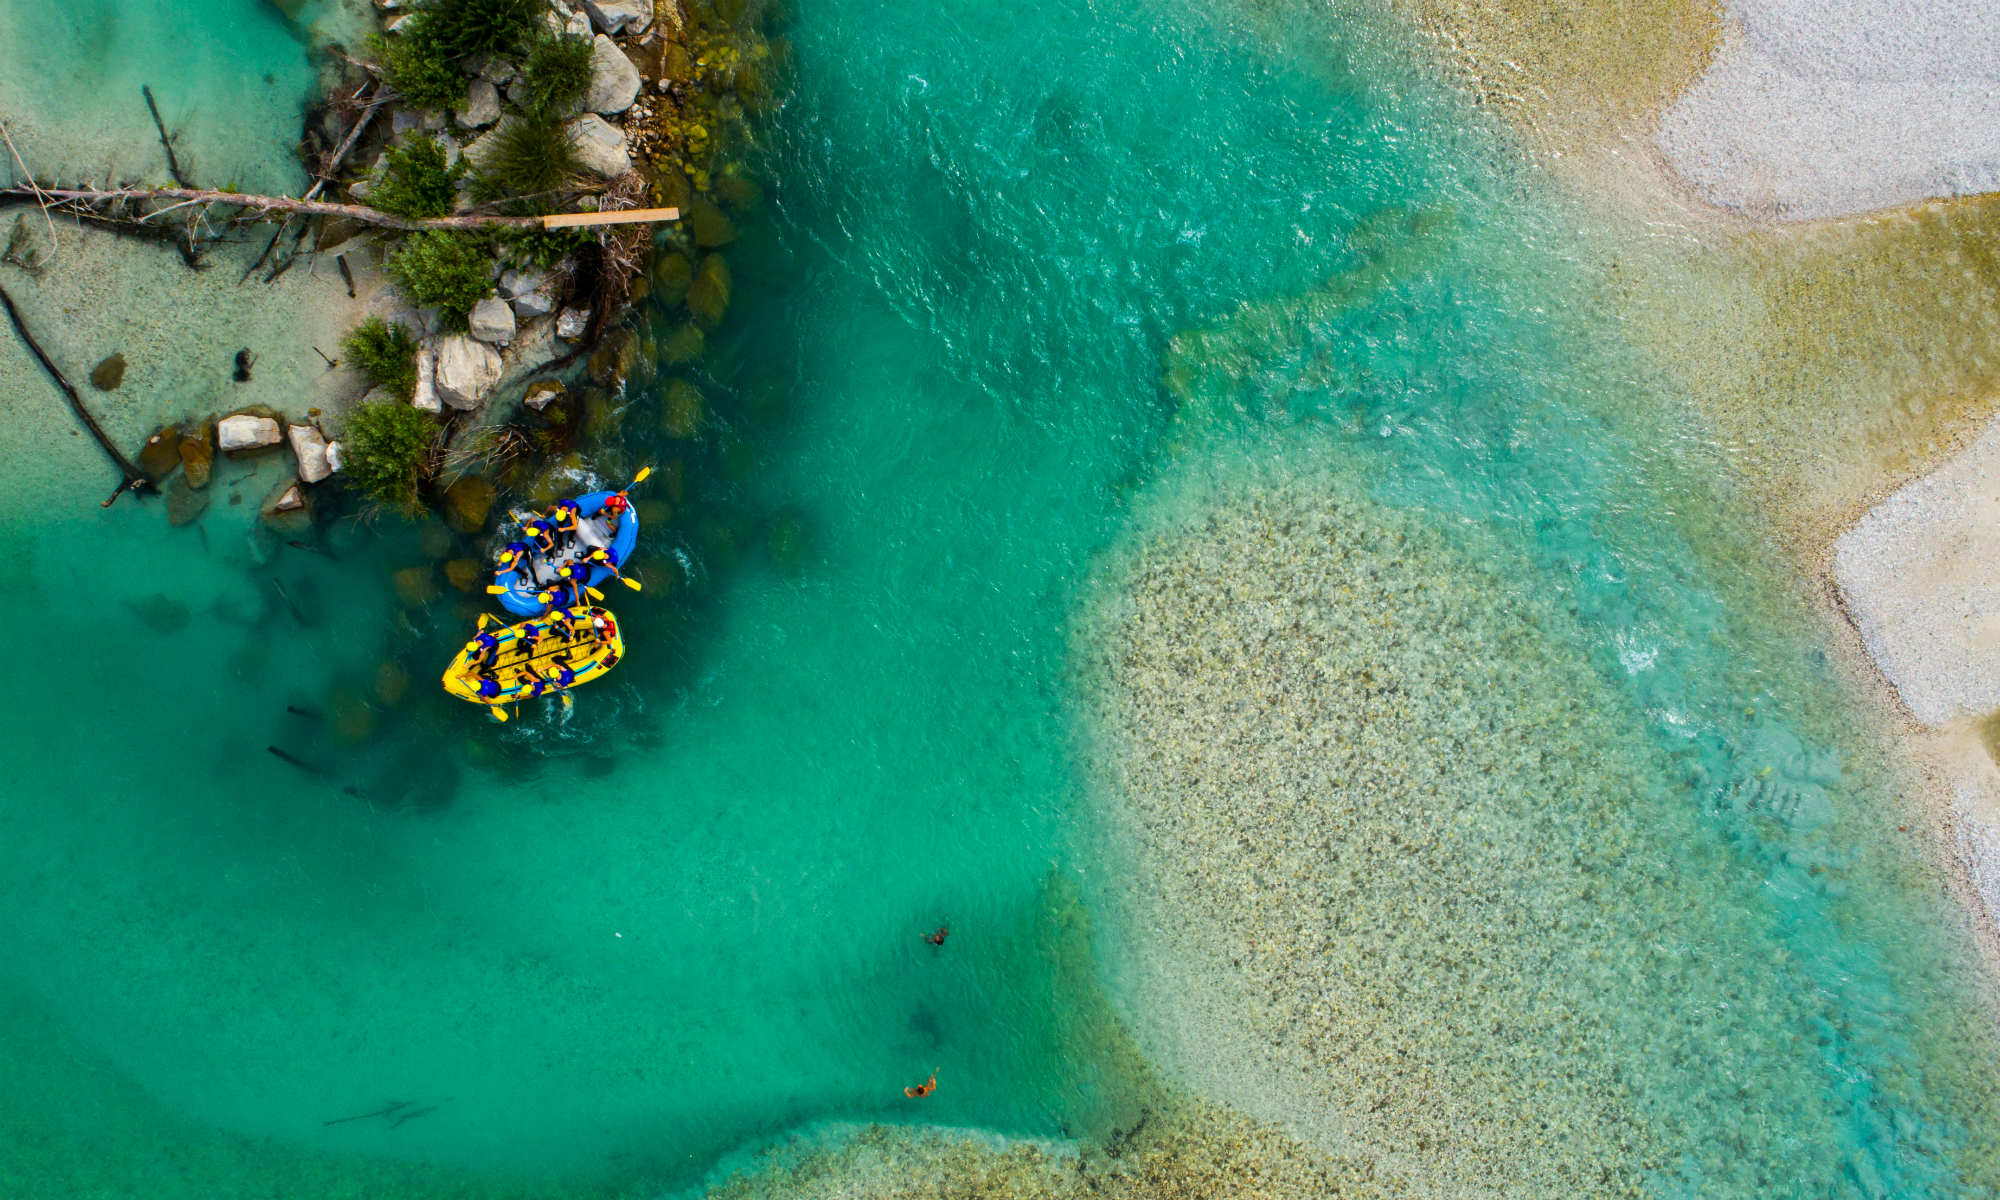 Zwei Schlauchboote auf einem smaragdgrünen Fluss von oben betrachtet.